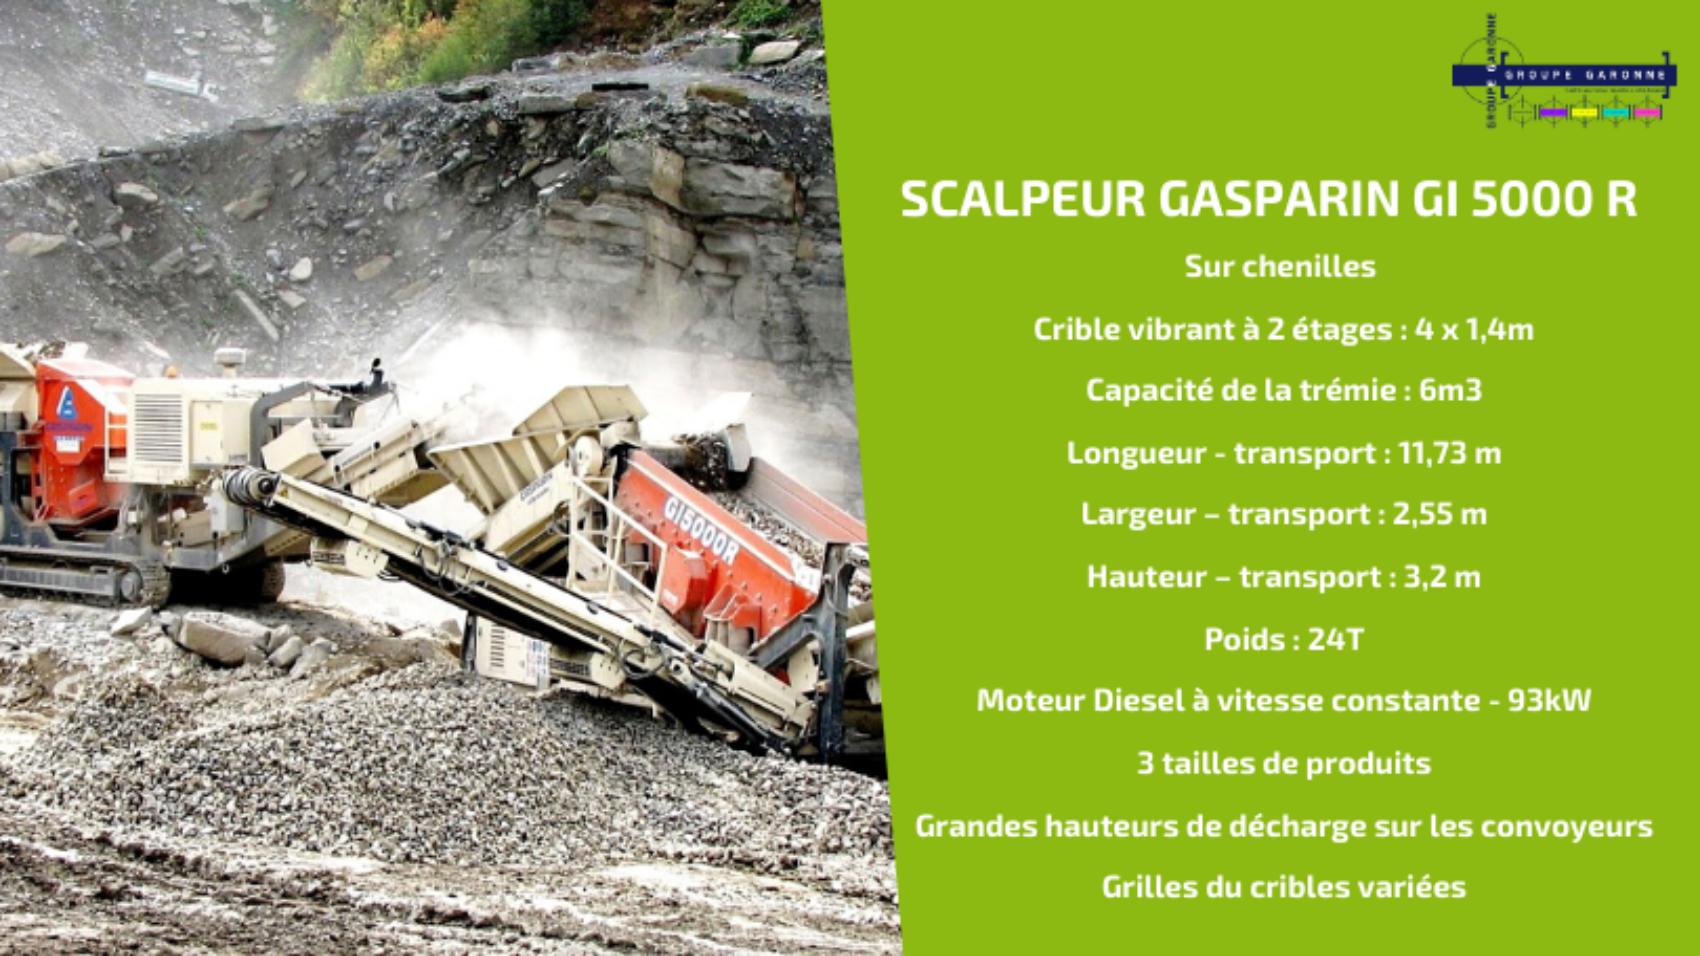 Zoom sur le GI 5000 R GASPARIN, crible scalpeur deux étages sur chenilles à système de recomposition pour la séparation en 3 produits, le traitement et le recyclage de sable, terre, agrégats, gravier, déchets de construction et démolition